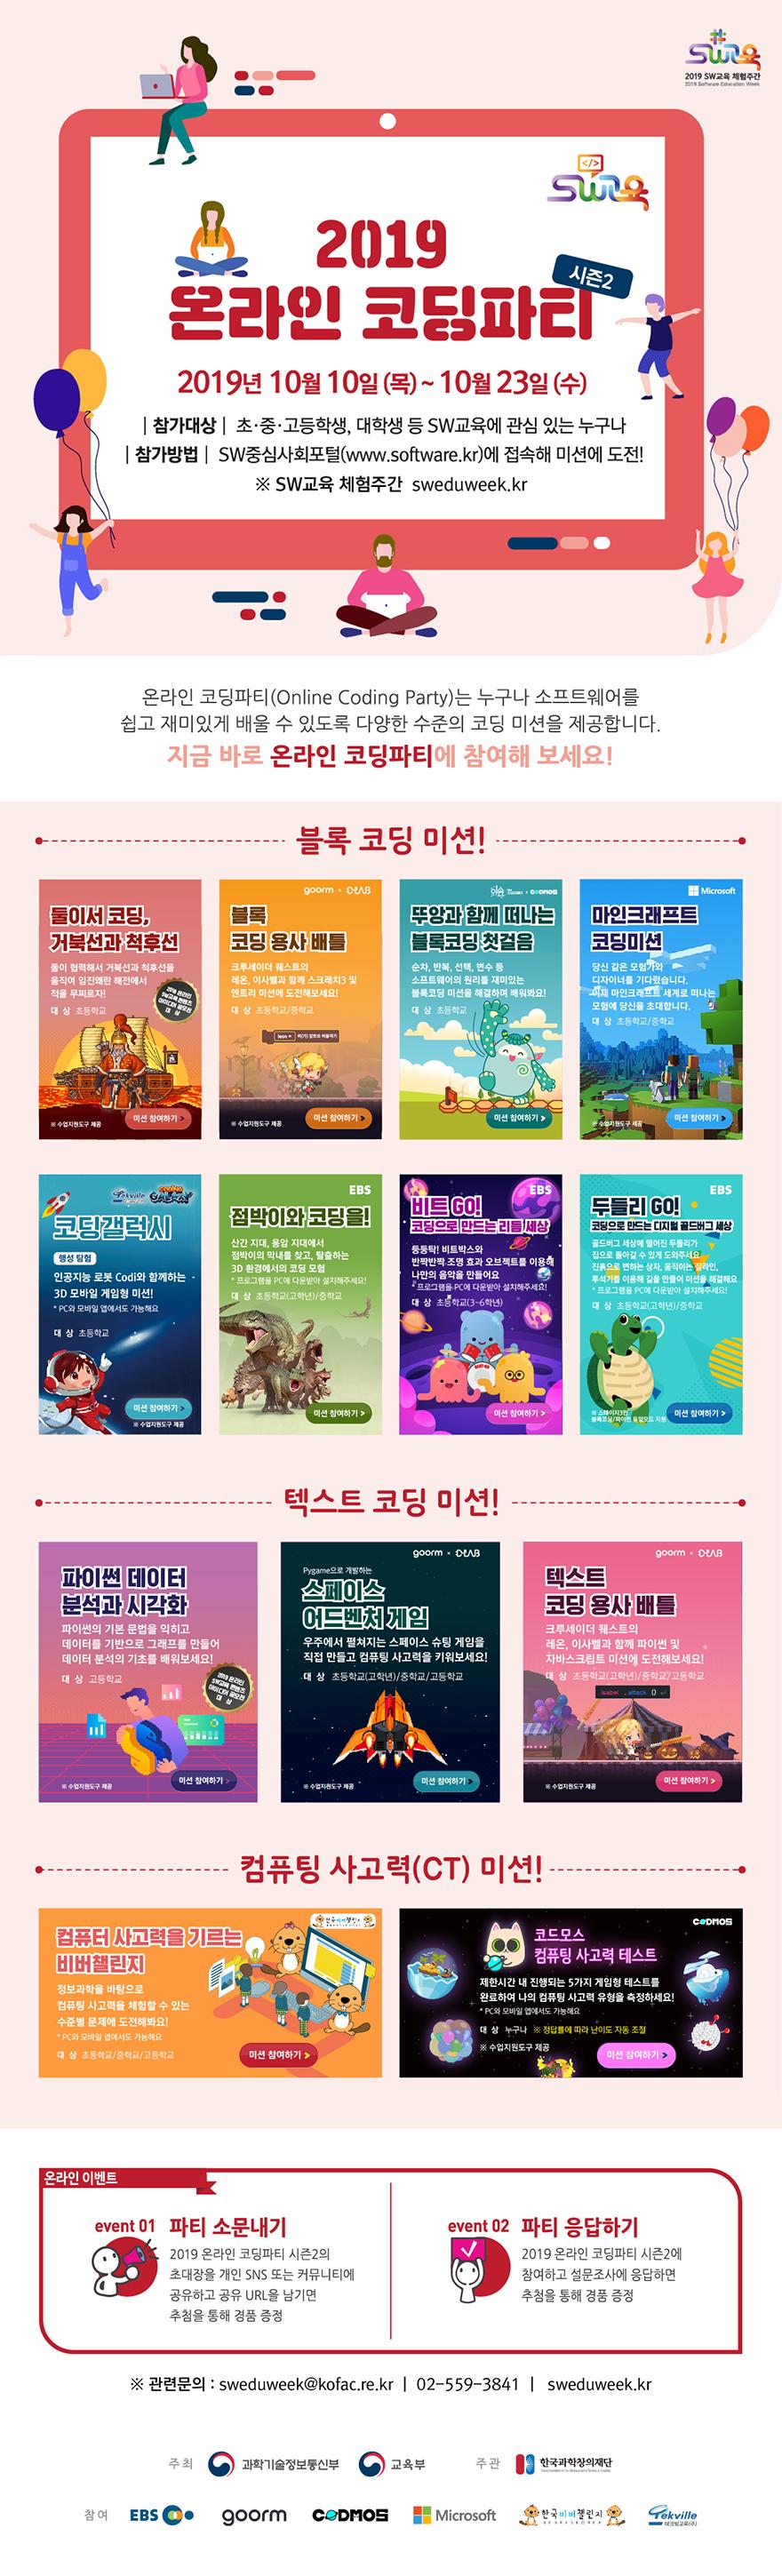 [일반] 2019 온라인 코딩 파티 시즌 2에 도전하기의 첨부이미지 1